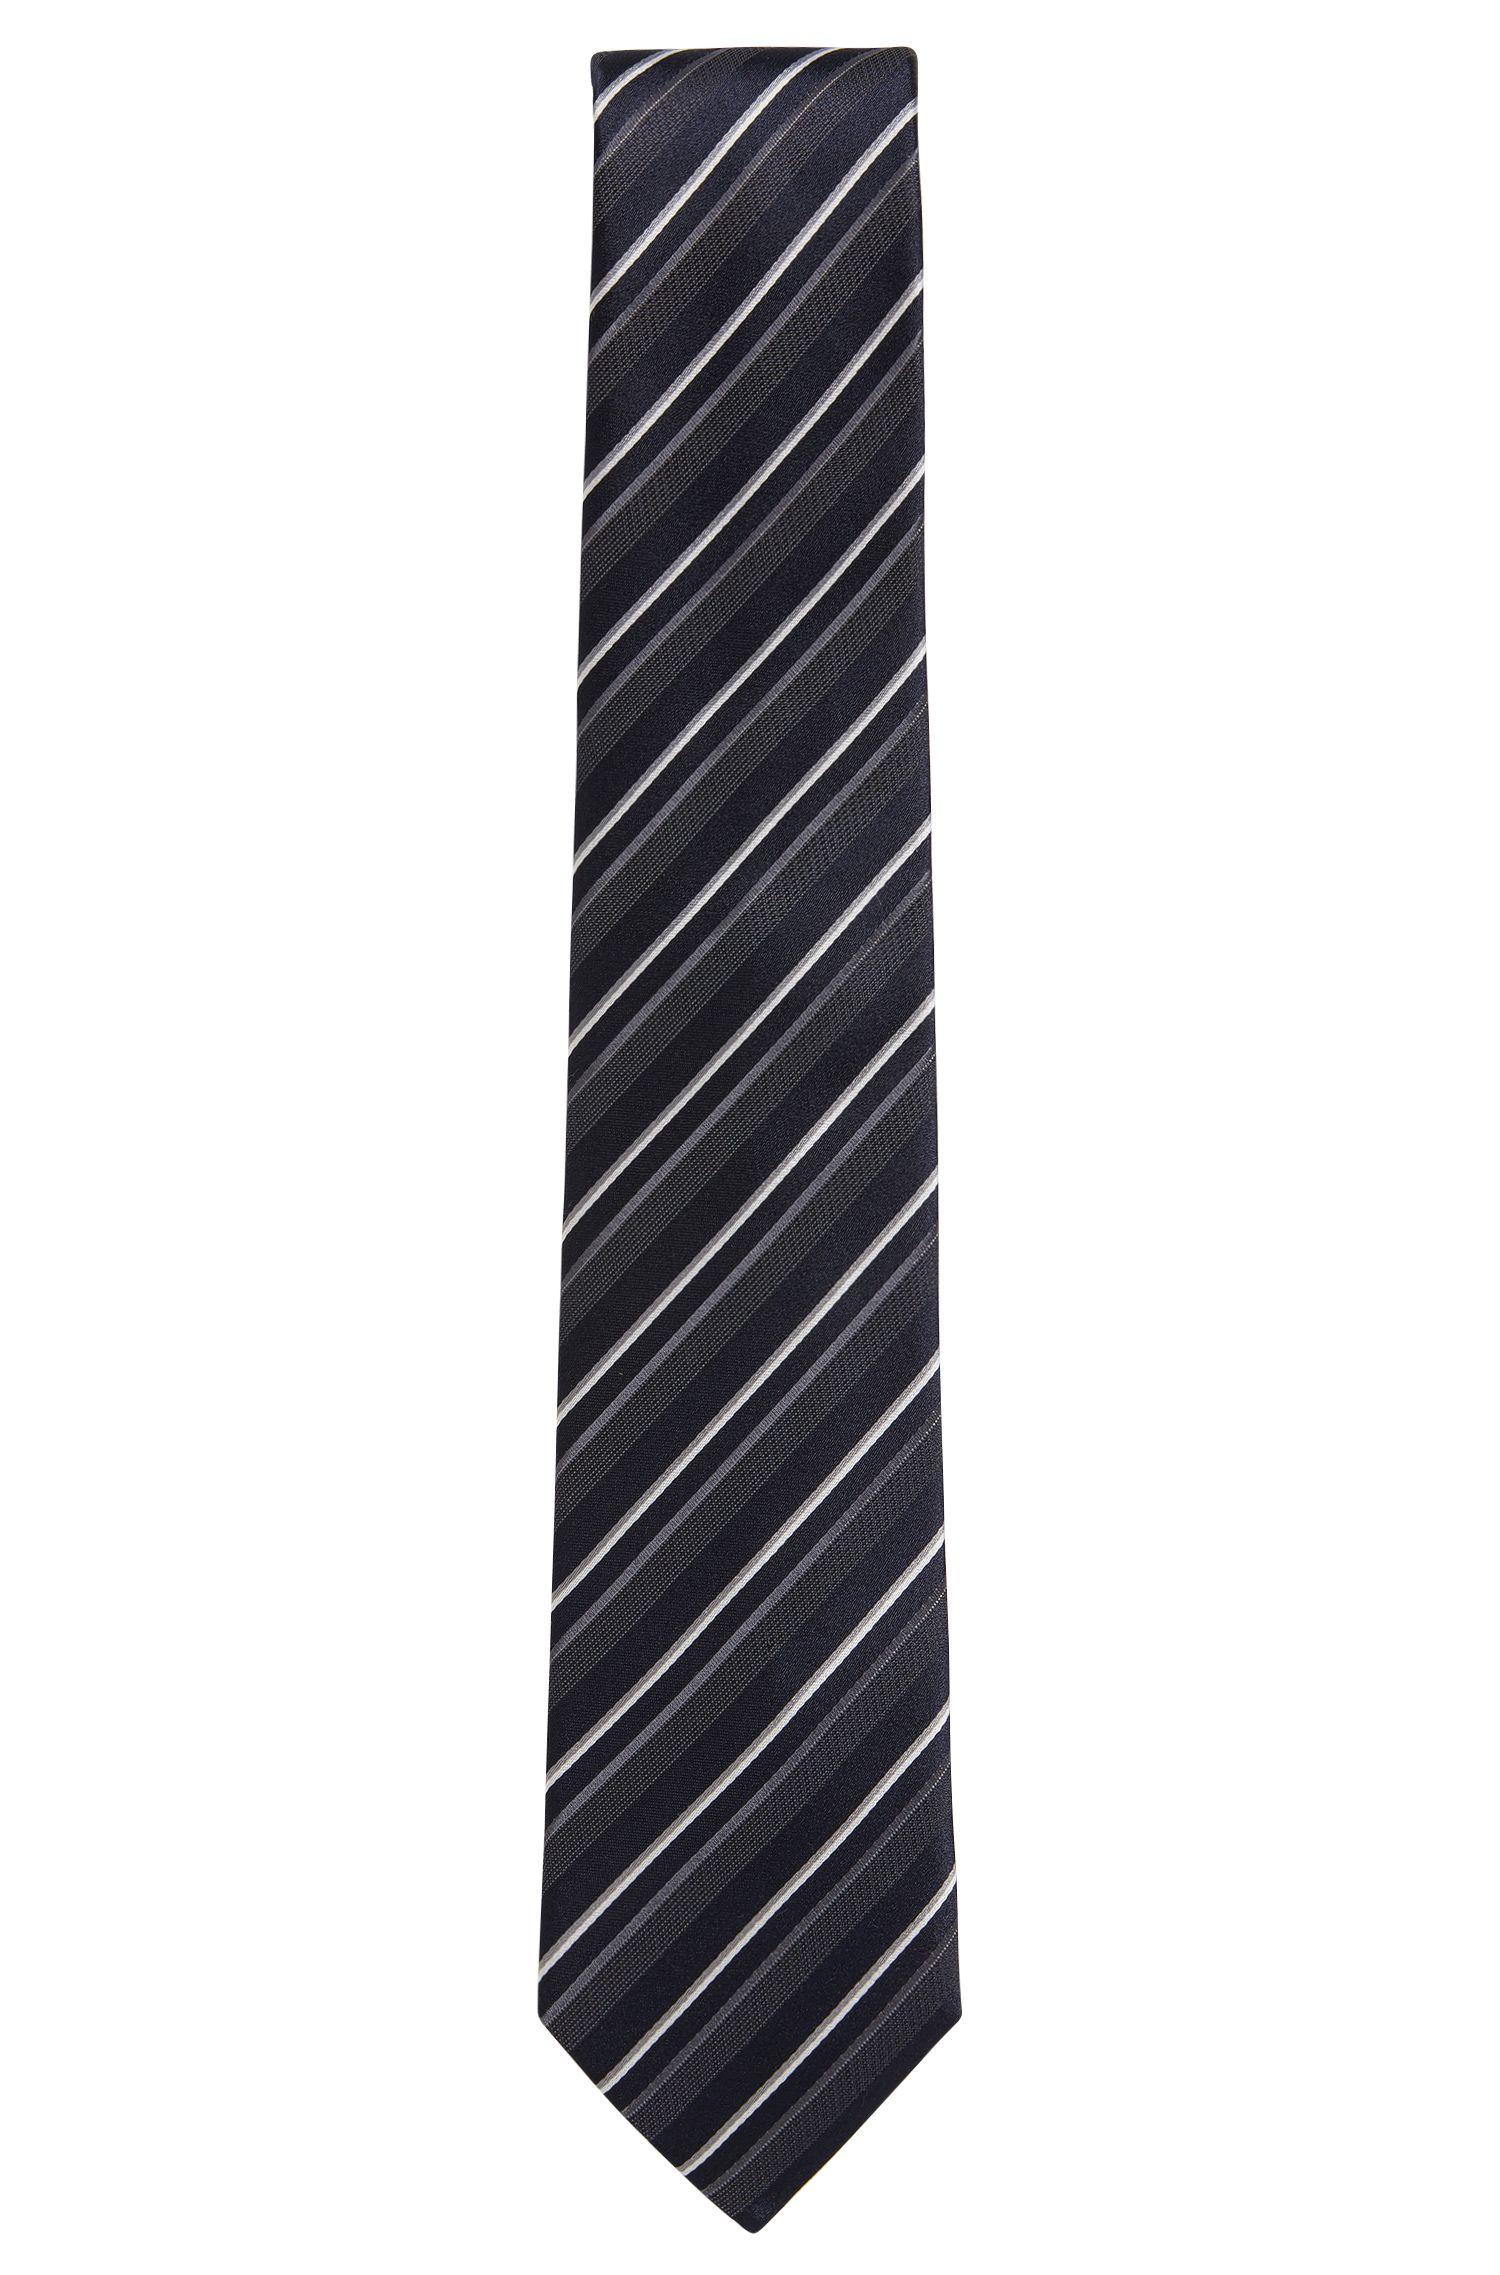 Cravatta jacquard in seta a disegni realizzata in Italia